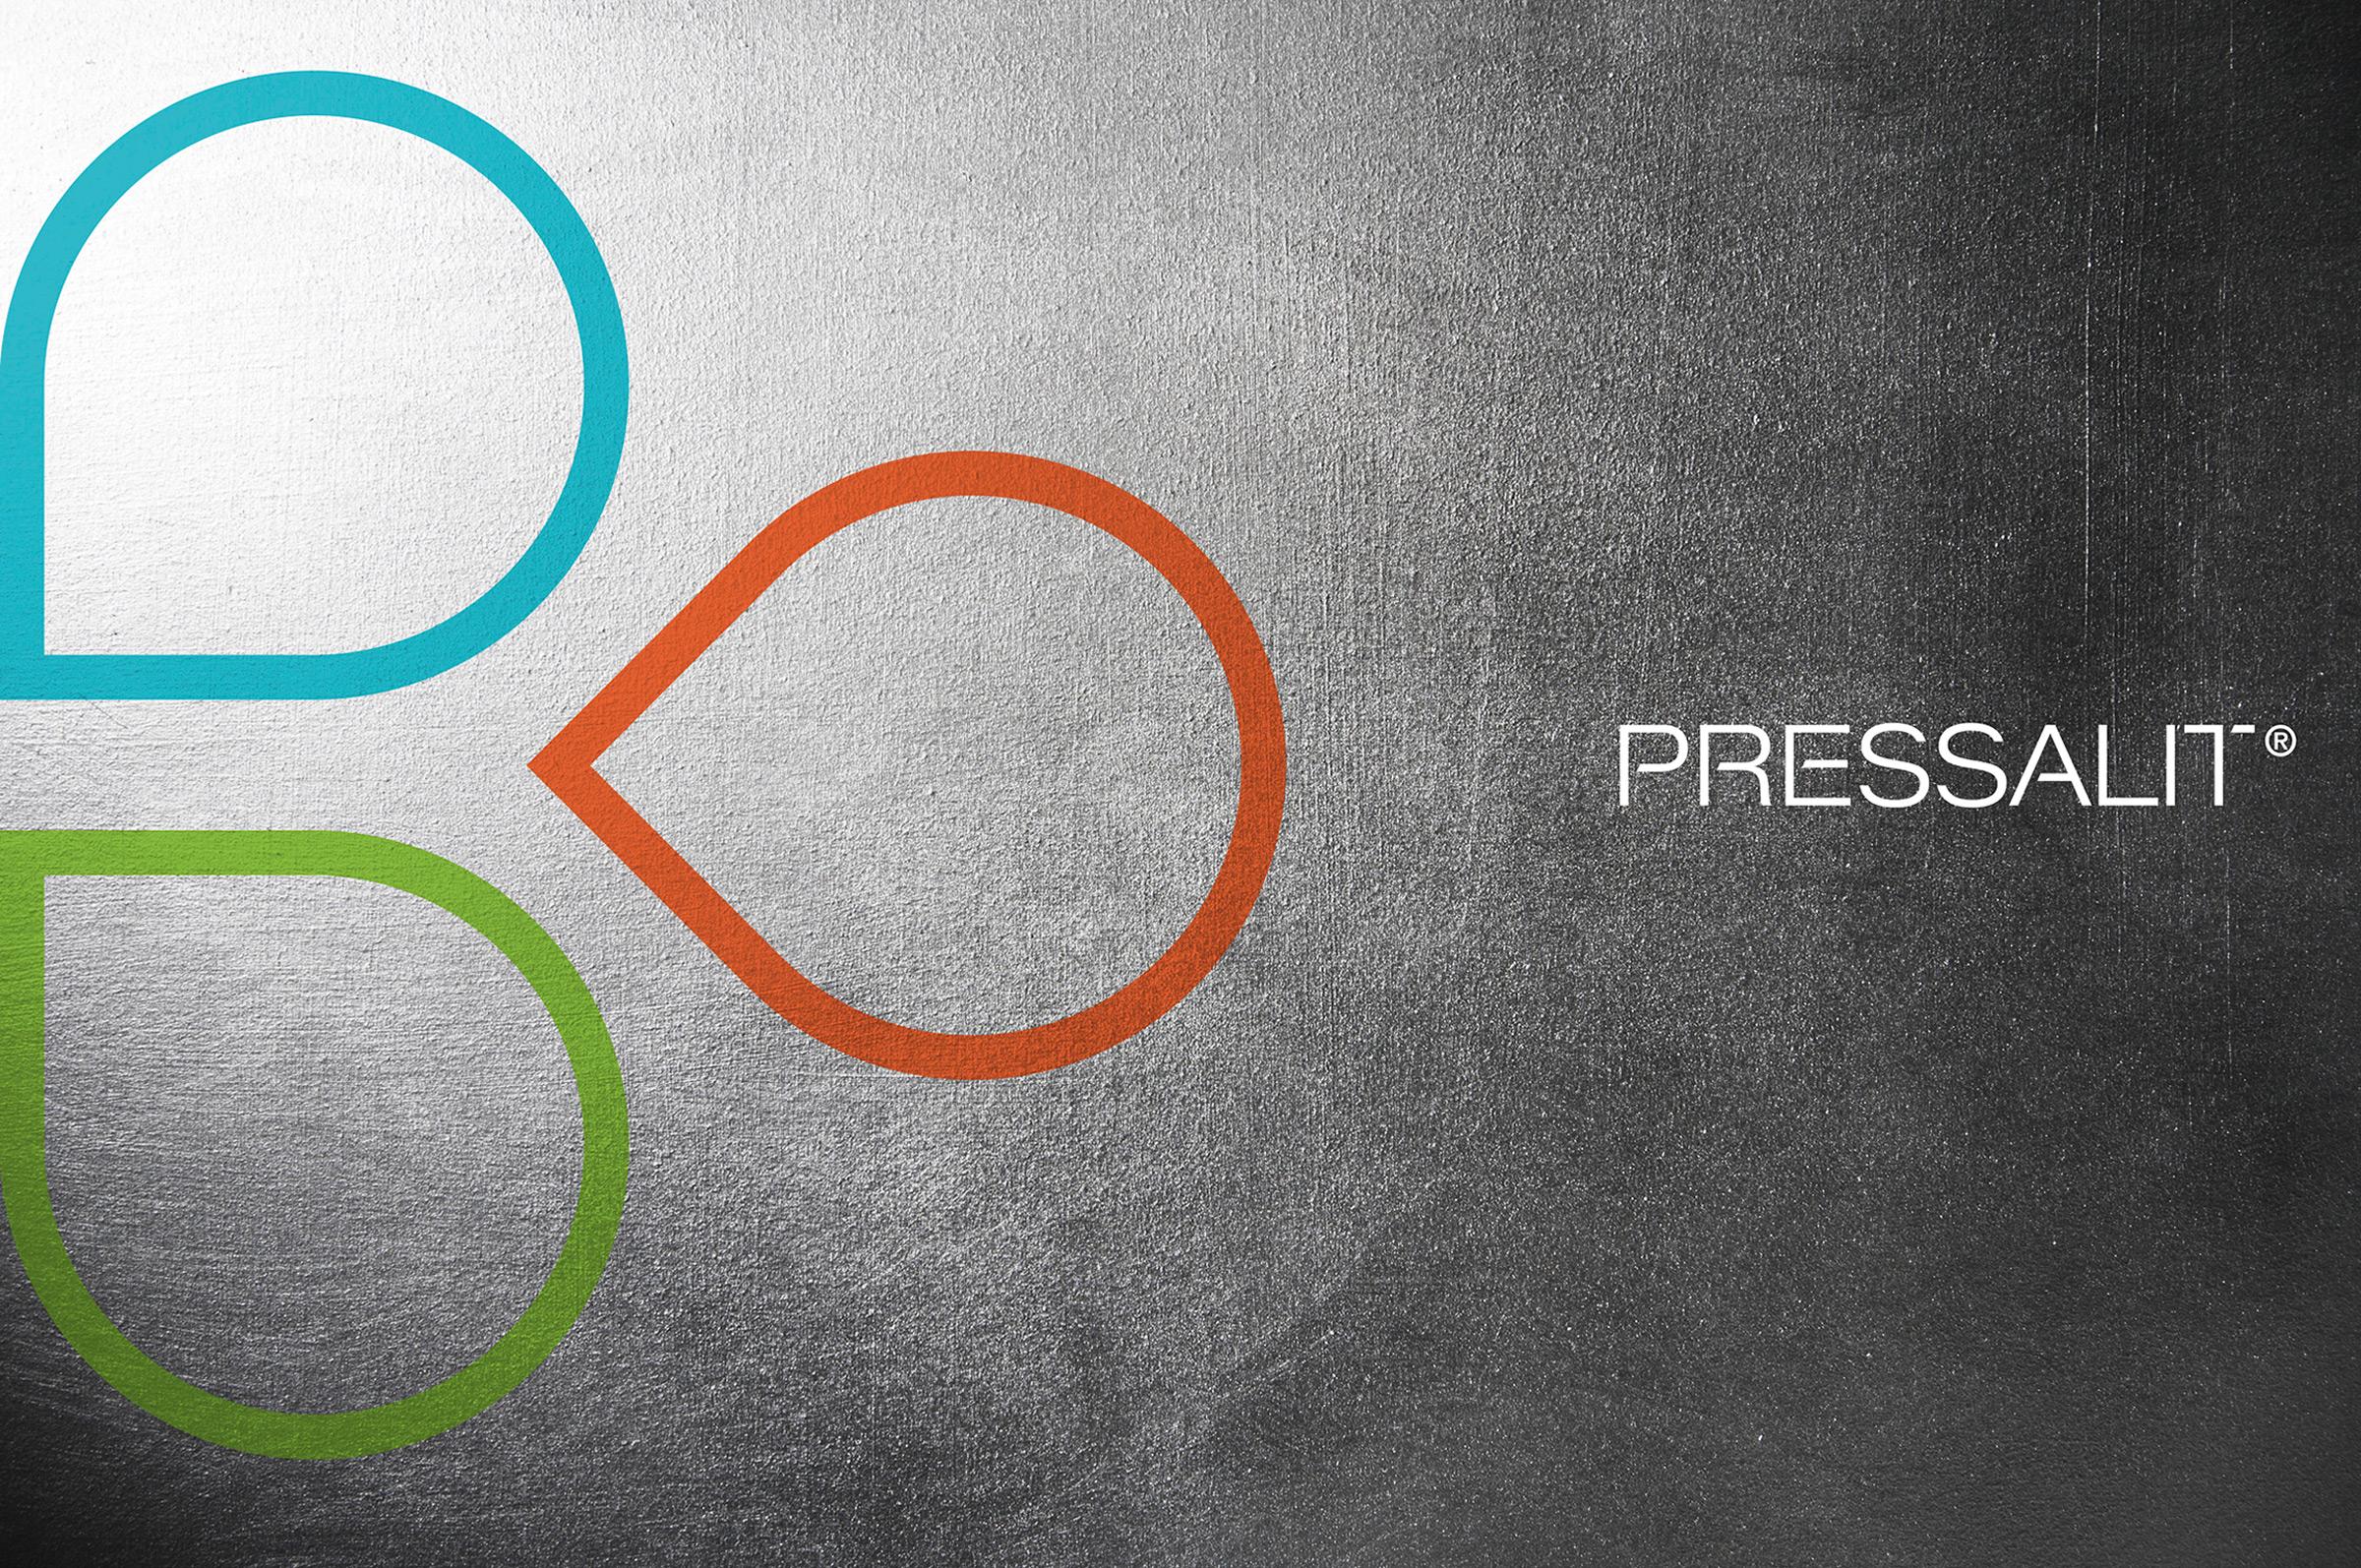 YourDesignMark-Pressalit-02